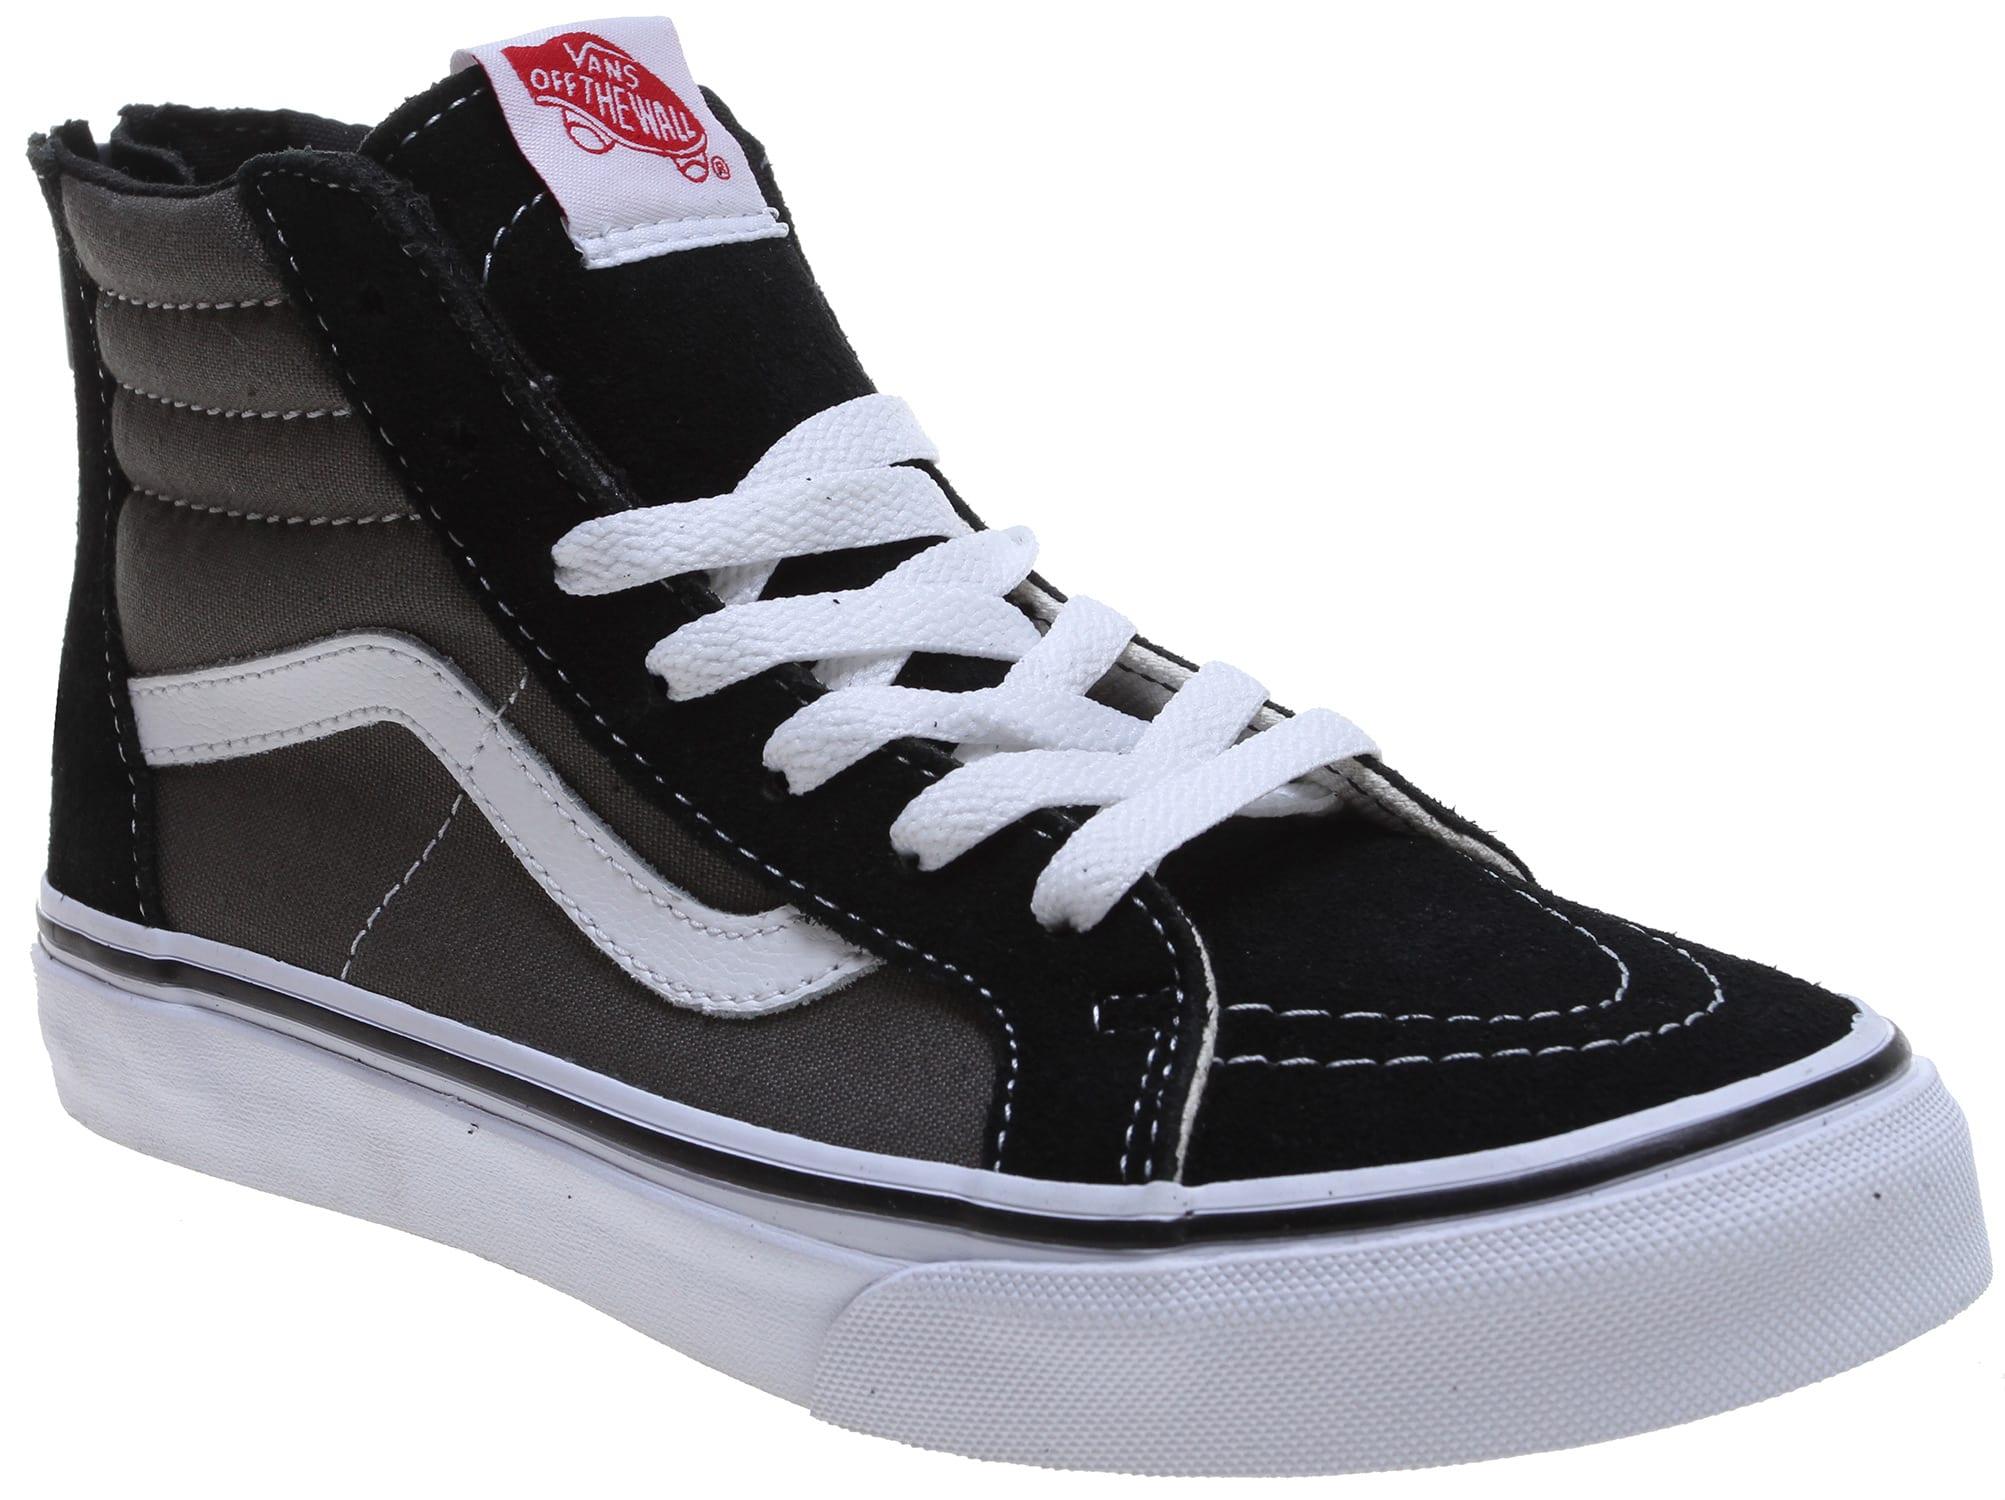 Vans Sk8-Hi Zip Skate Shoes - Kids